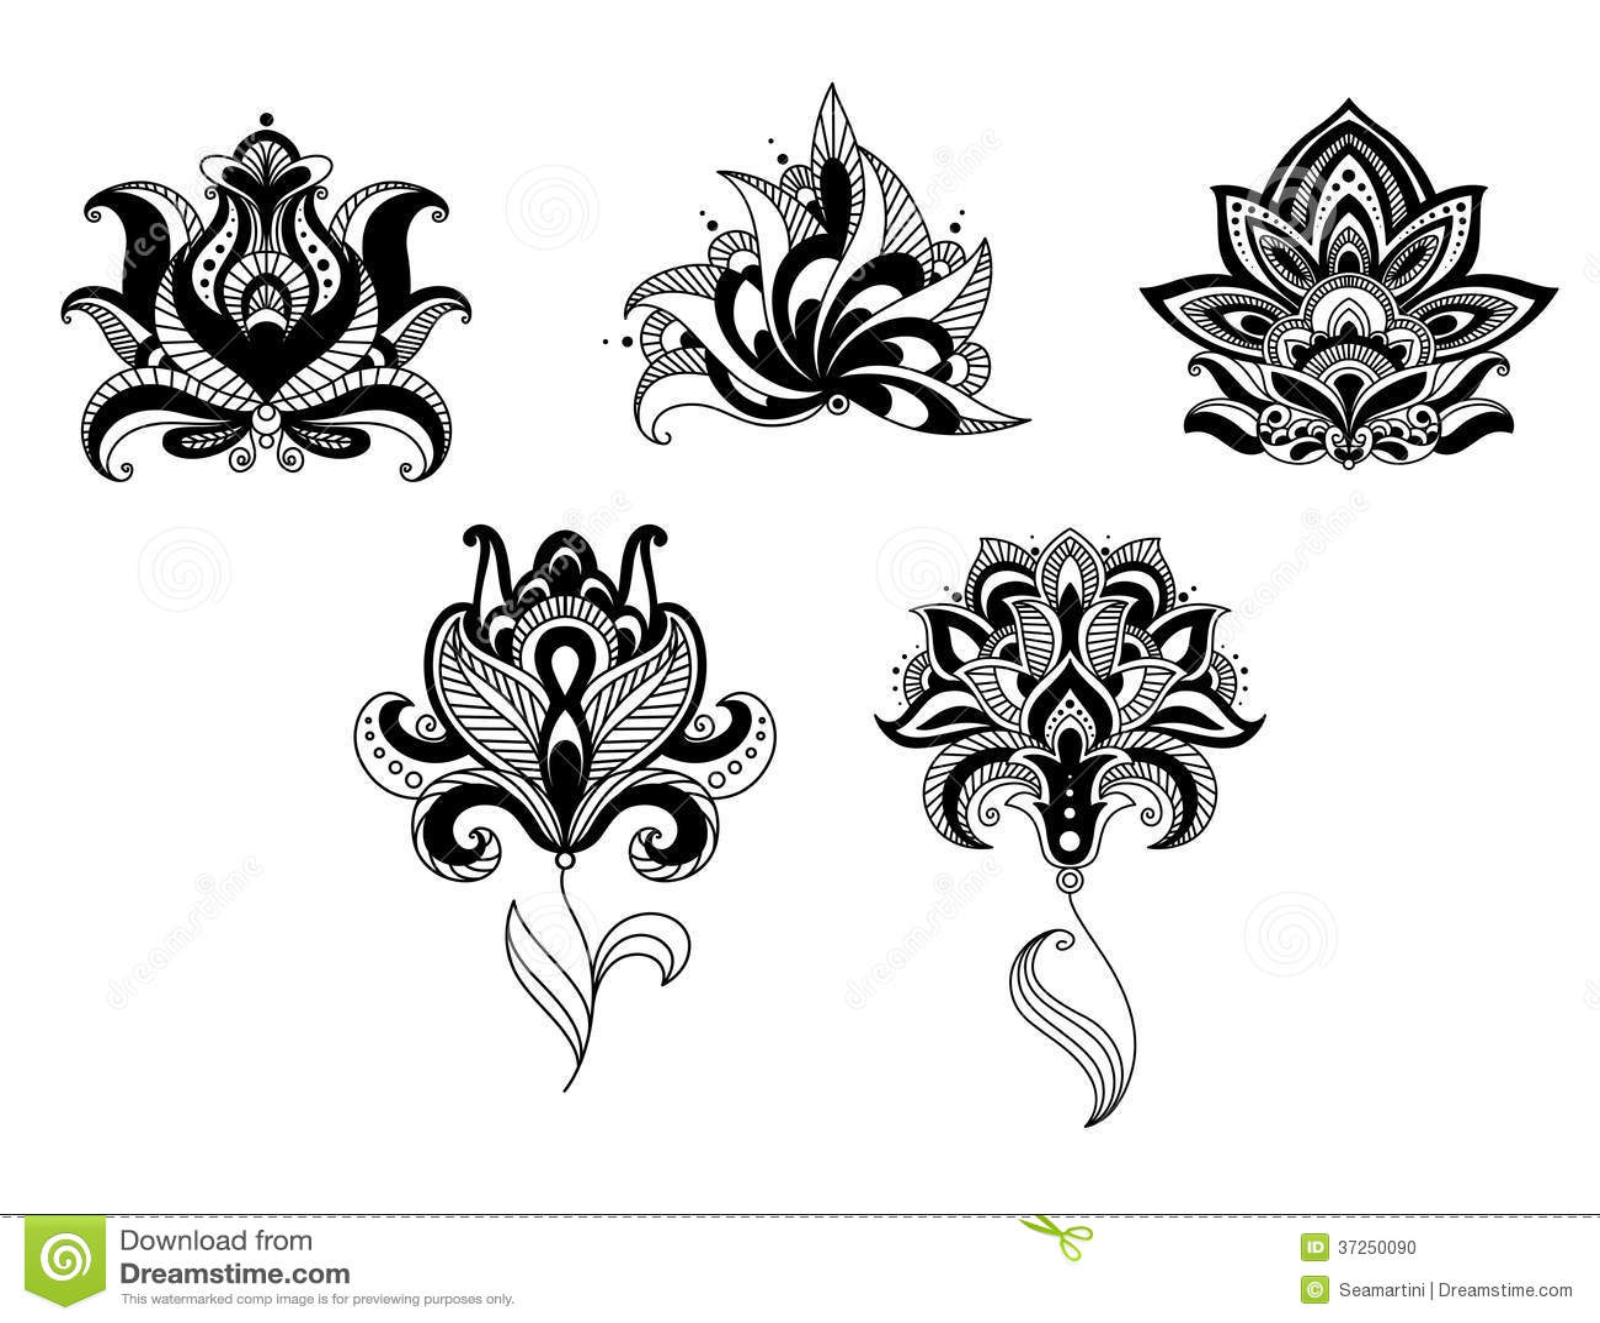 flower motifs line art inspirational interior design rh oeeonocoli woosquirrel store